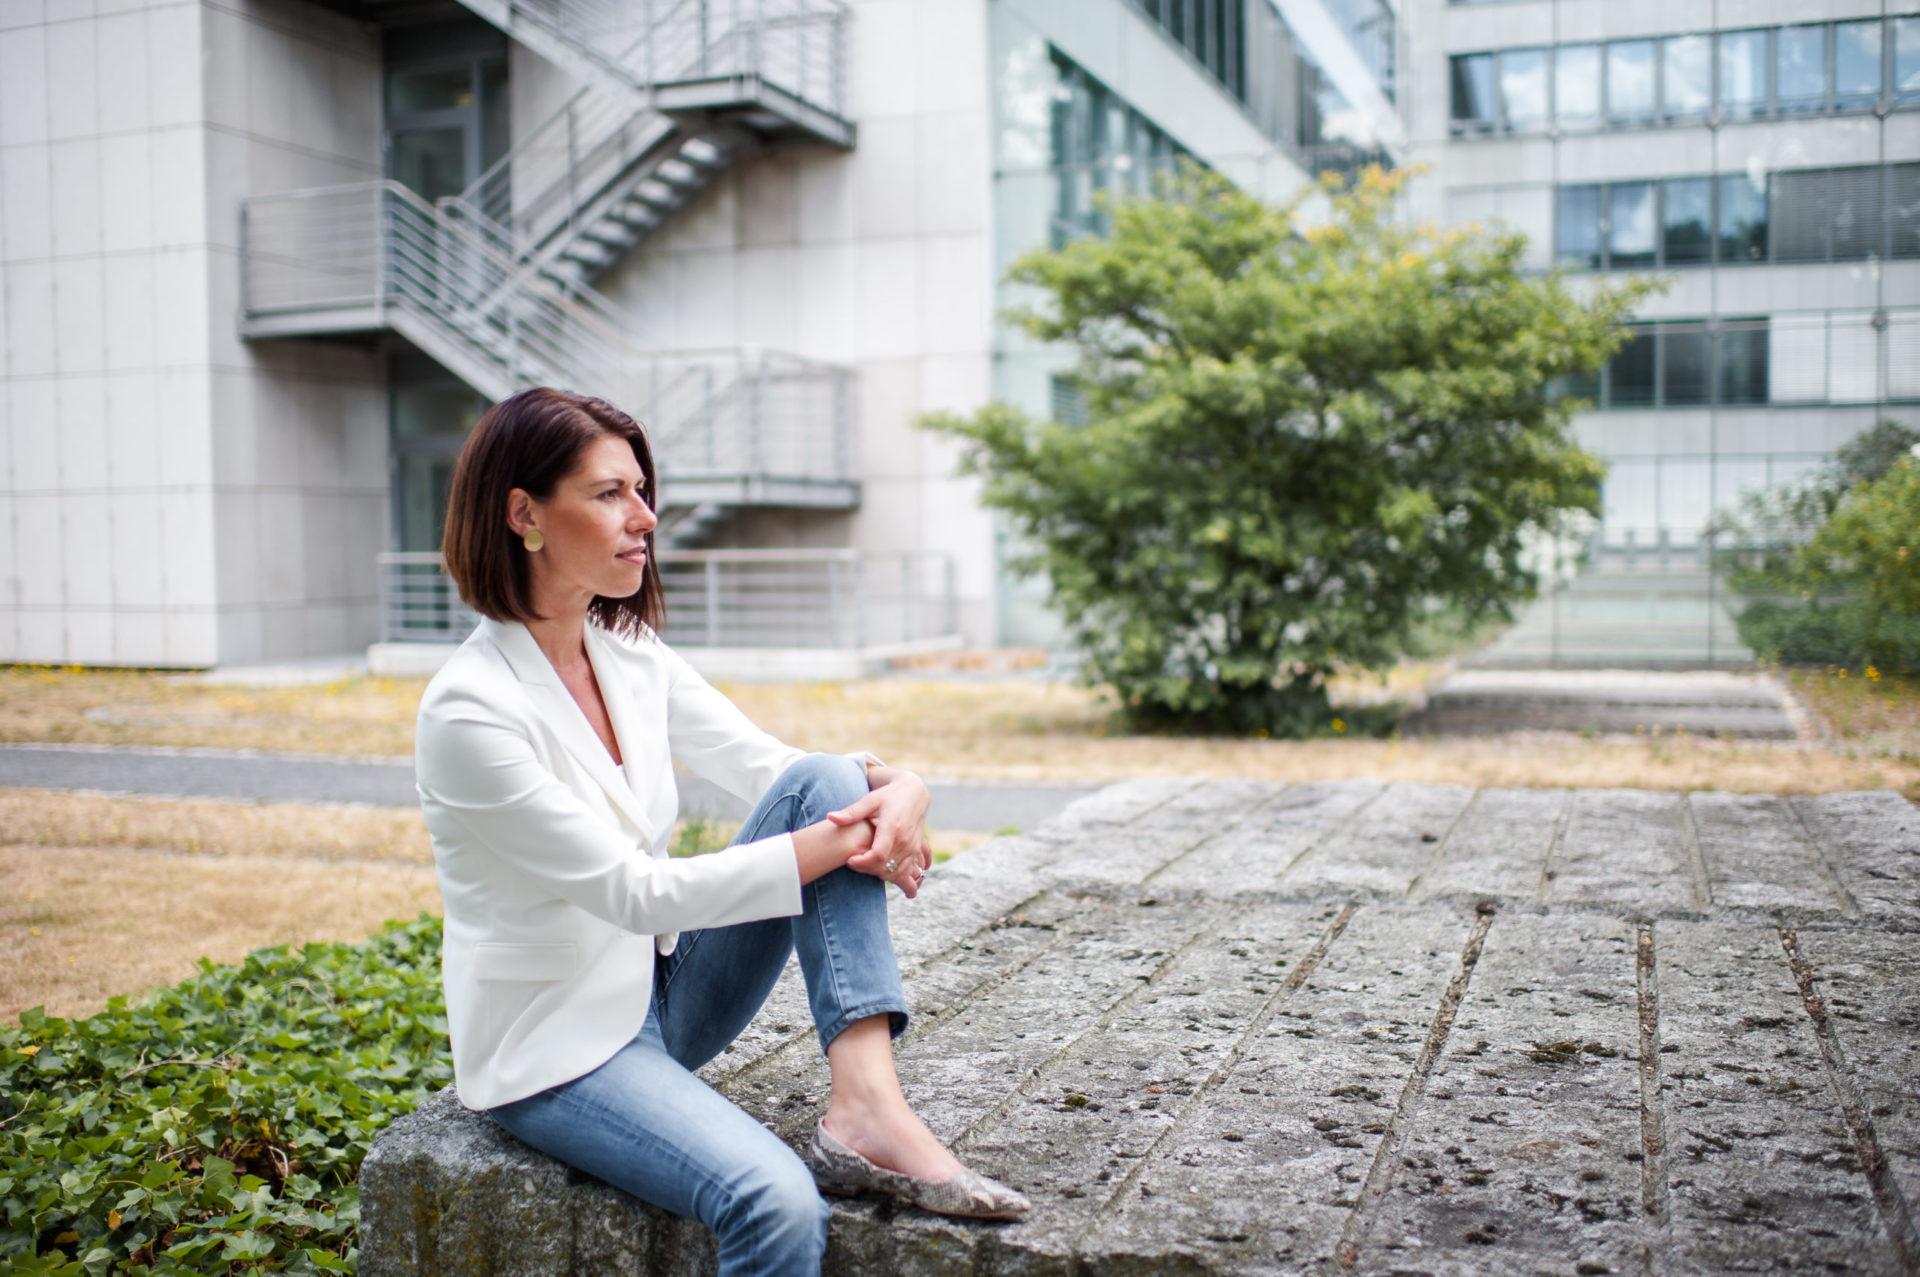 Andrea Lawlor sitzt vor einem Bürogebäude auf einem Stein und blickt in die Ferne